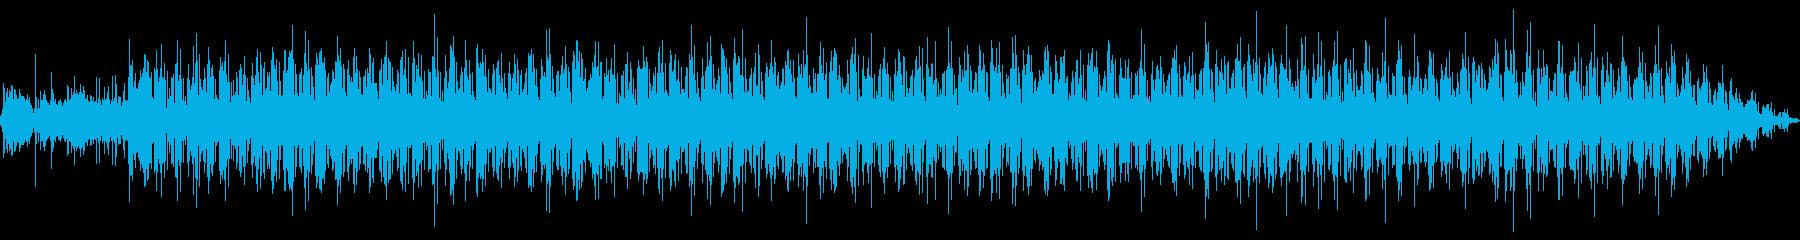 シンプルなテクノ・ポップの再生済みの波形